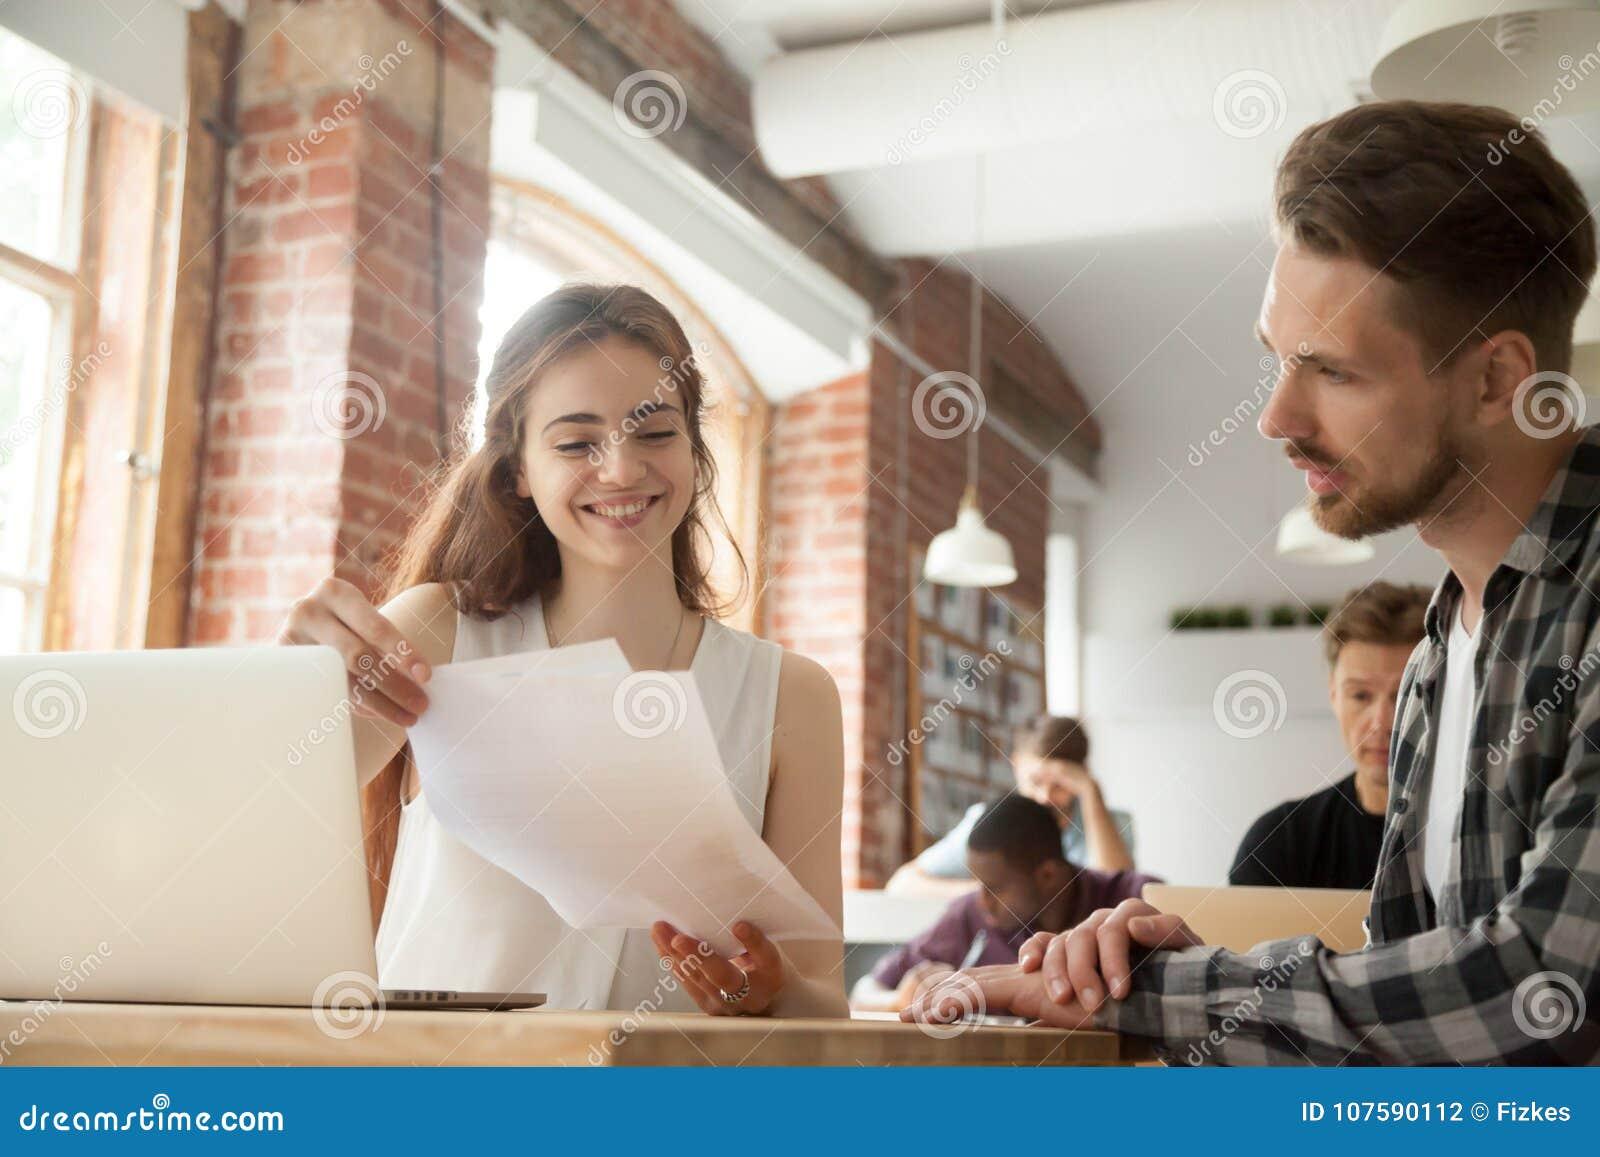 Bizneswoman dyskutuje dokumenty przy spotkaniem z klientem w co